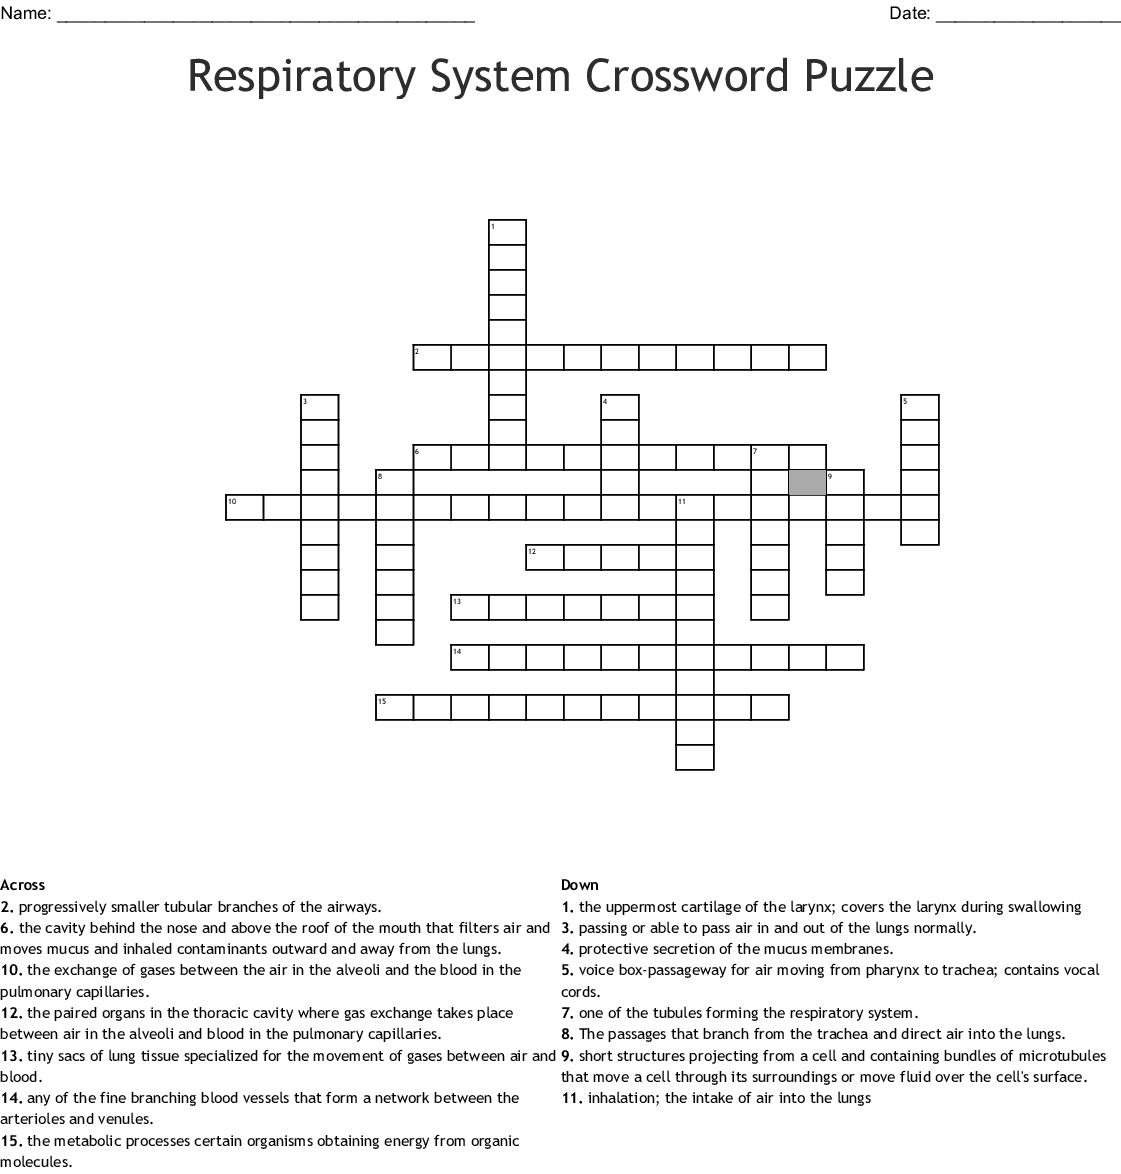 Respiratory System Crossword Puzzle Crossword - Wordmint - Respiratory System Crossword Puzzle Printable